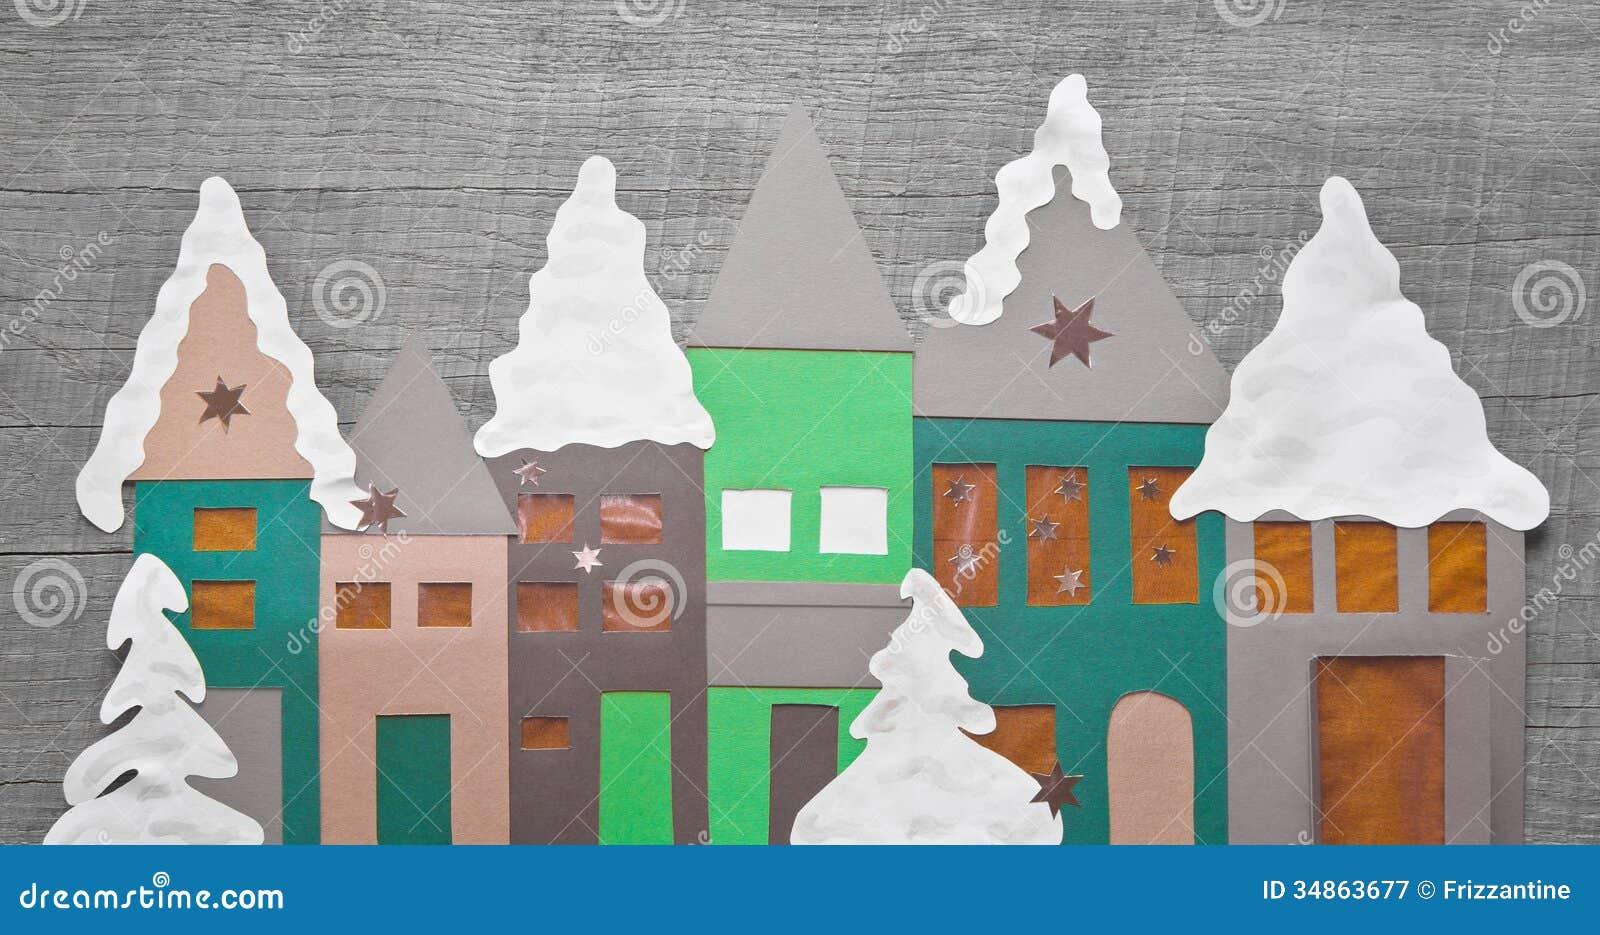 #A26029 Chic Minable Décoration De Noël Faite Main Avec Le  6295 Decoration Fait Main Pour Noel 1300x777 px @ aertt.com